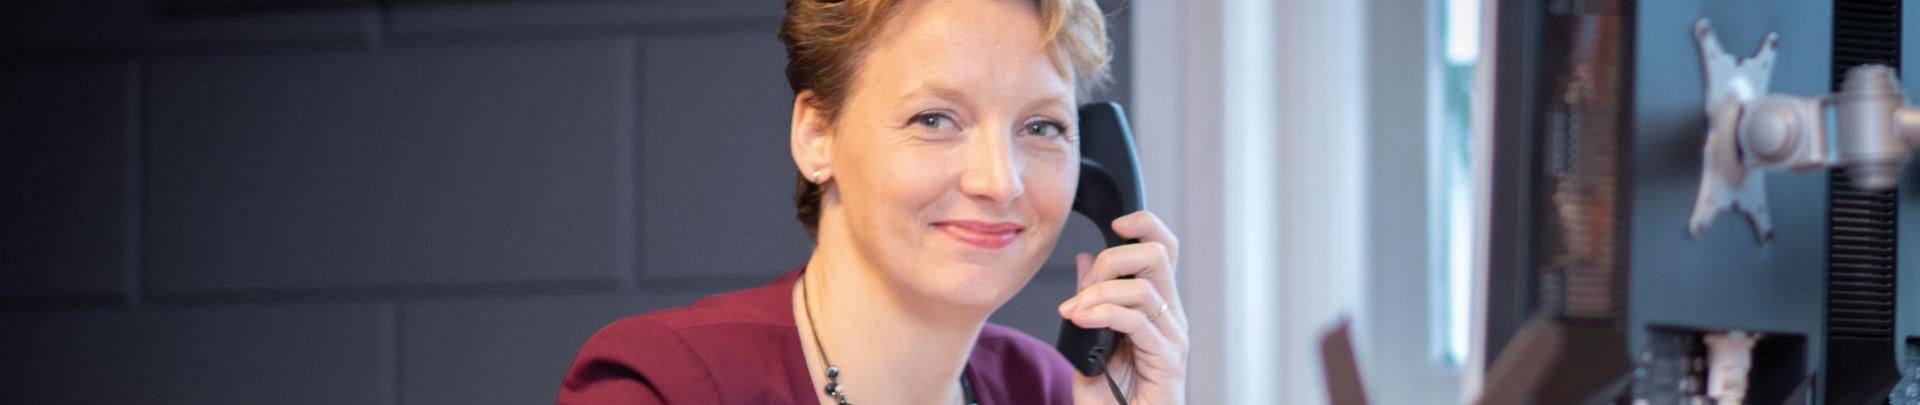 Trudy de Windt aan de telefoon achter haar computer